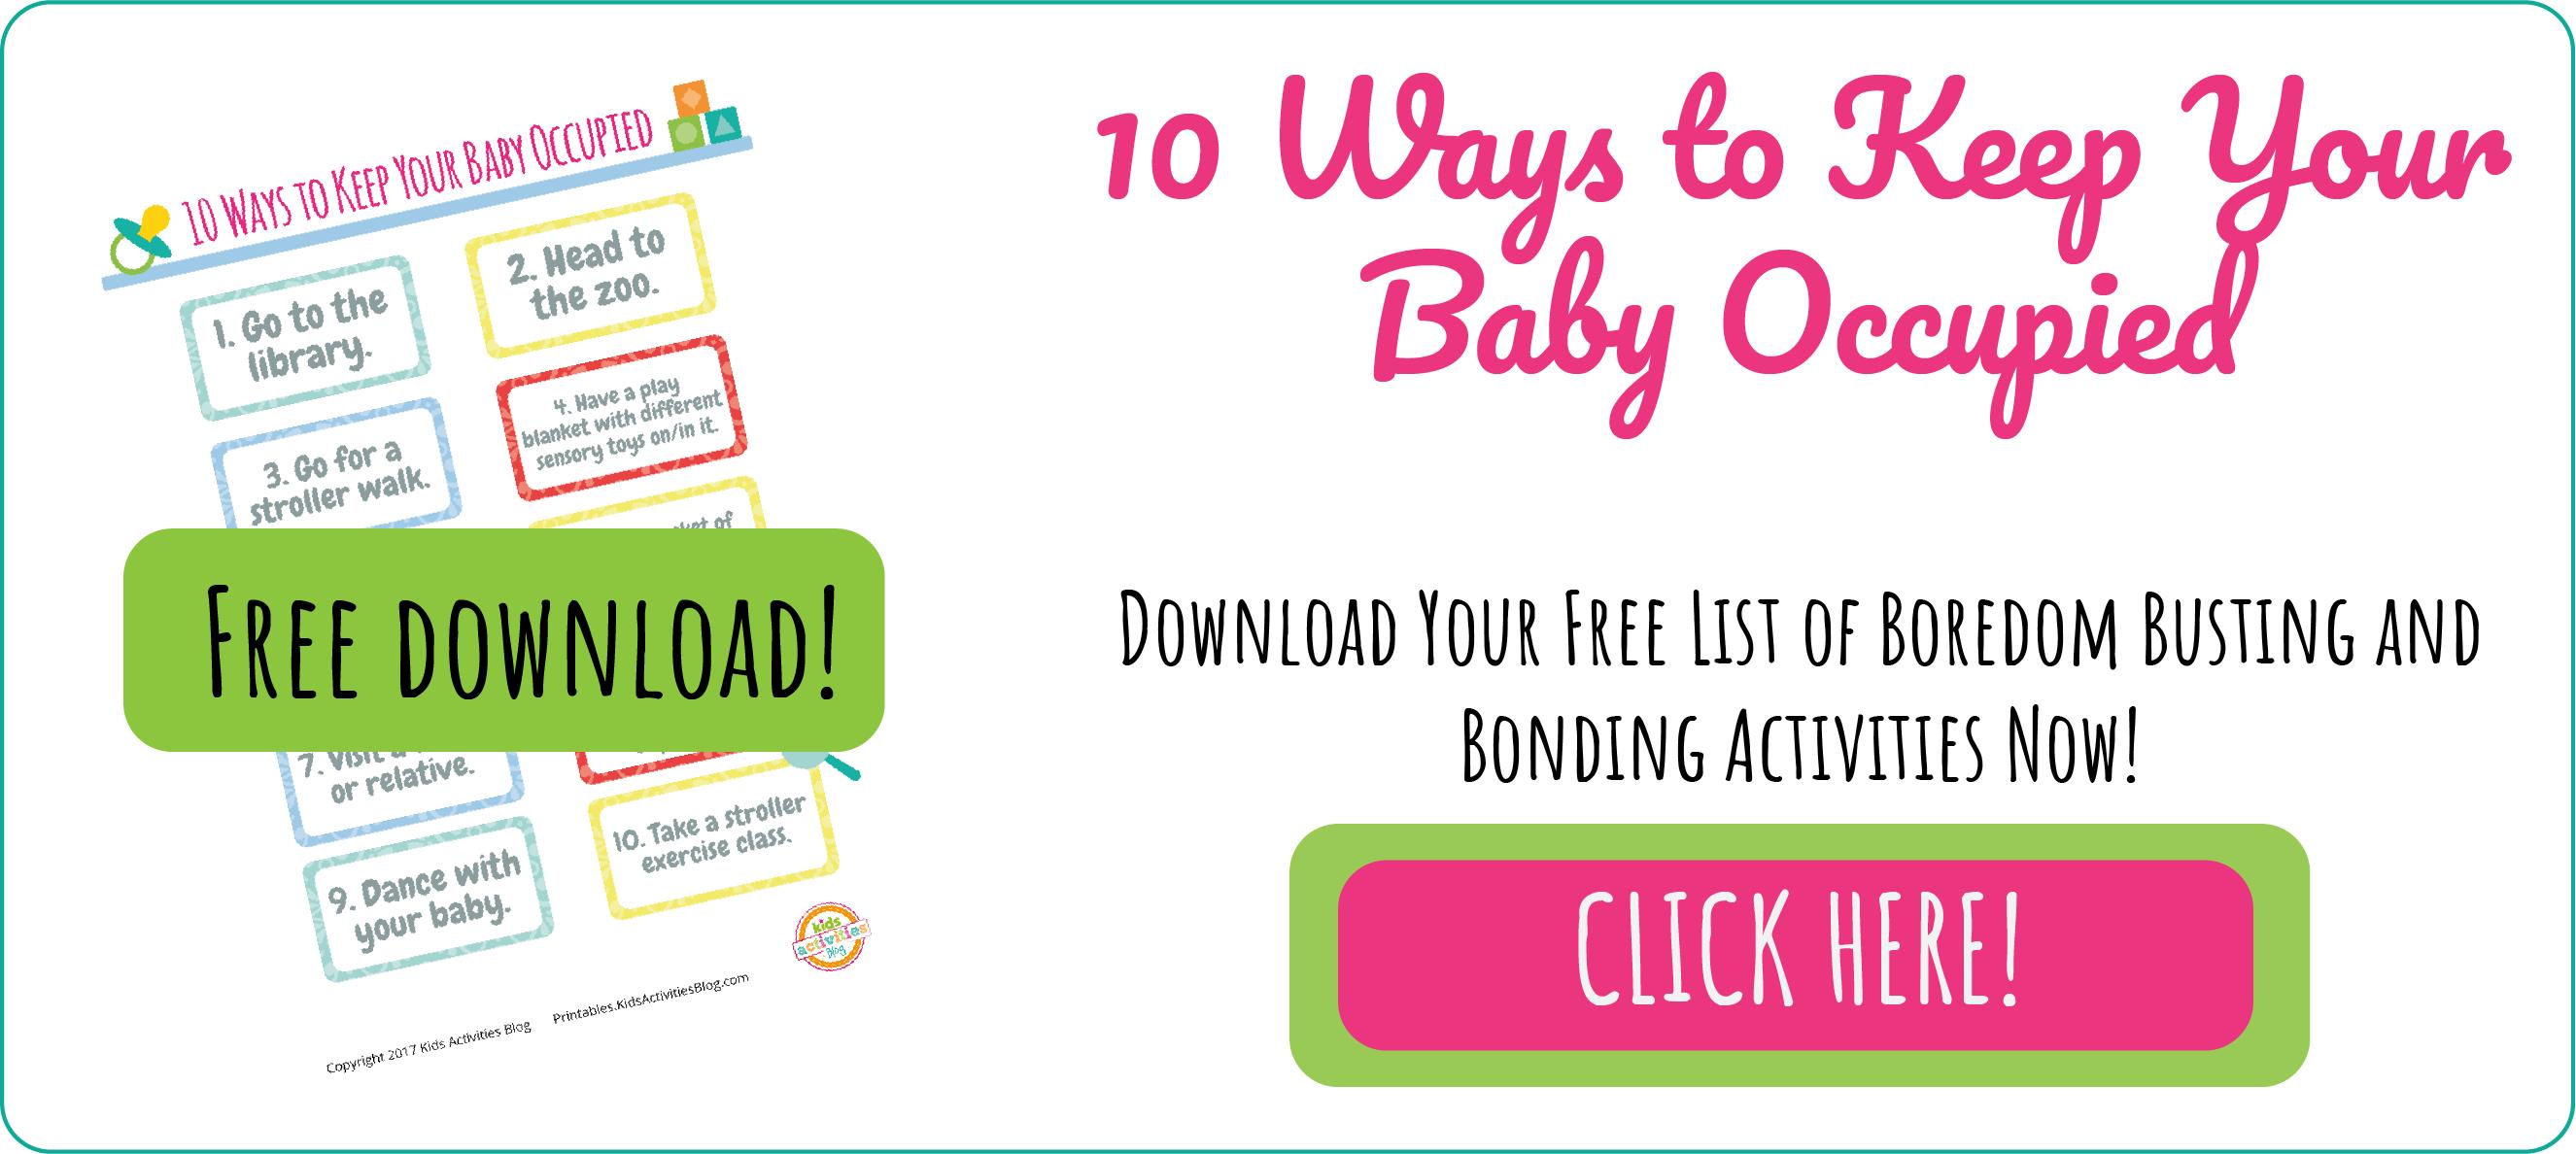 BABY BONDING ACTIVITIES